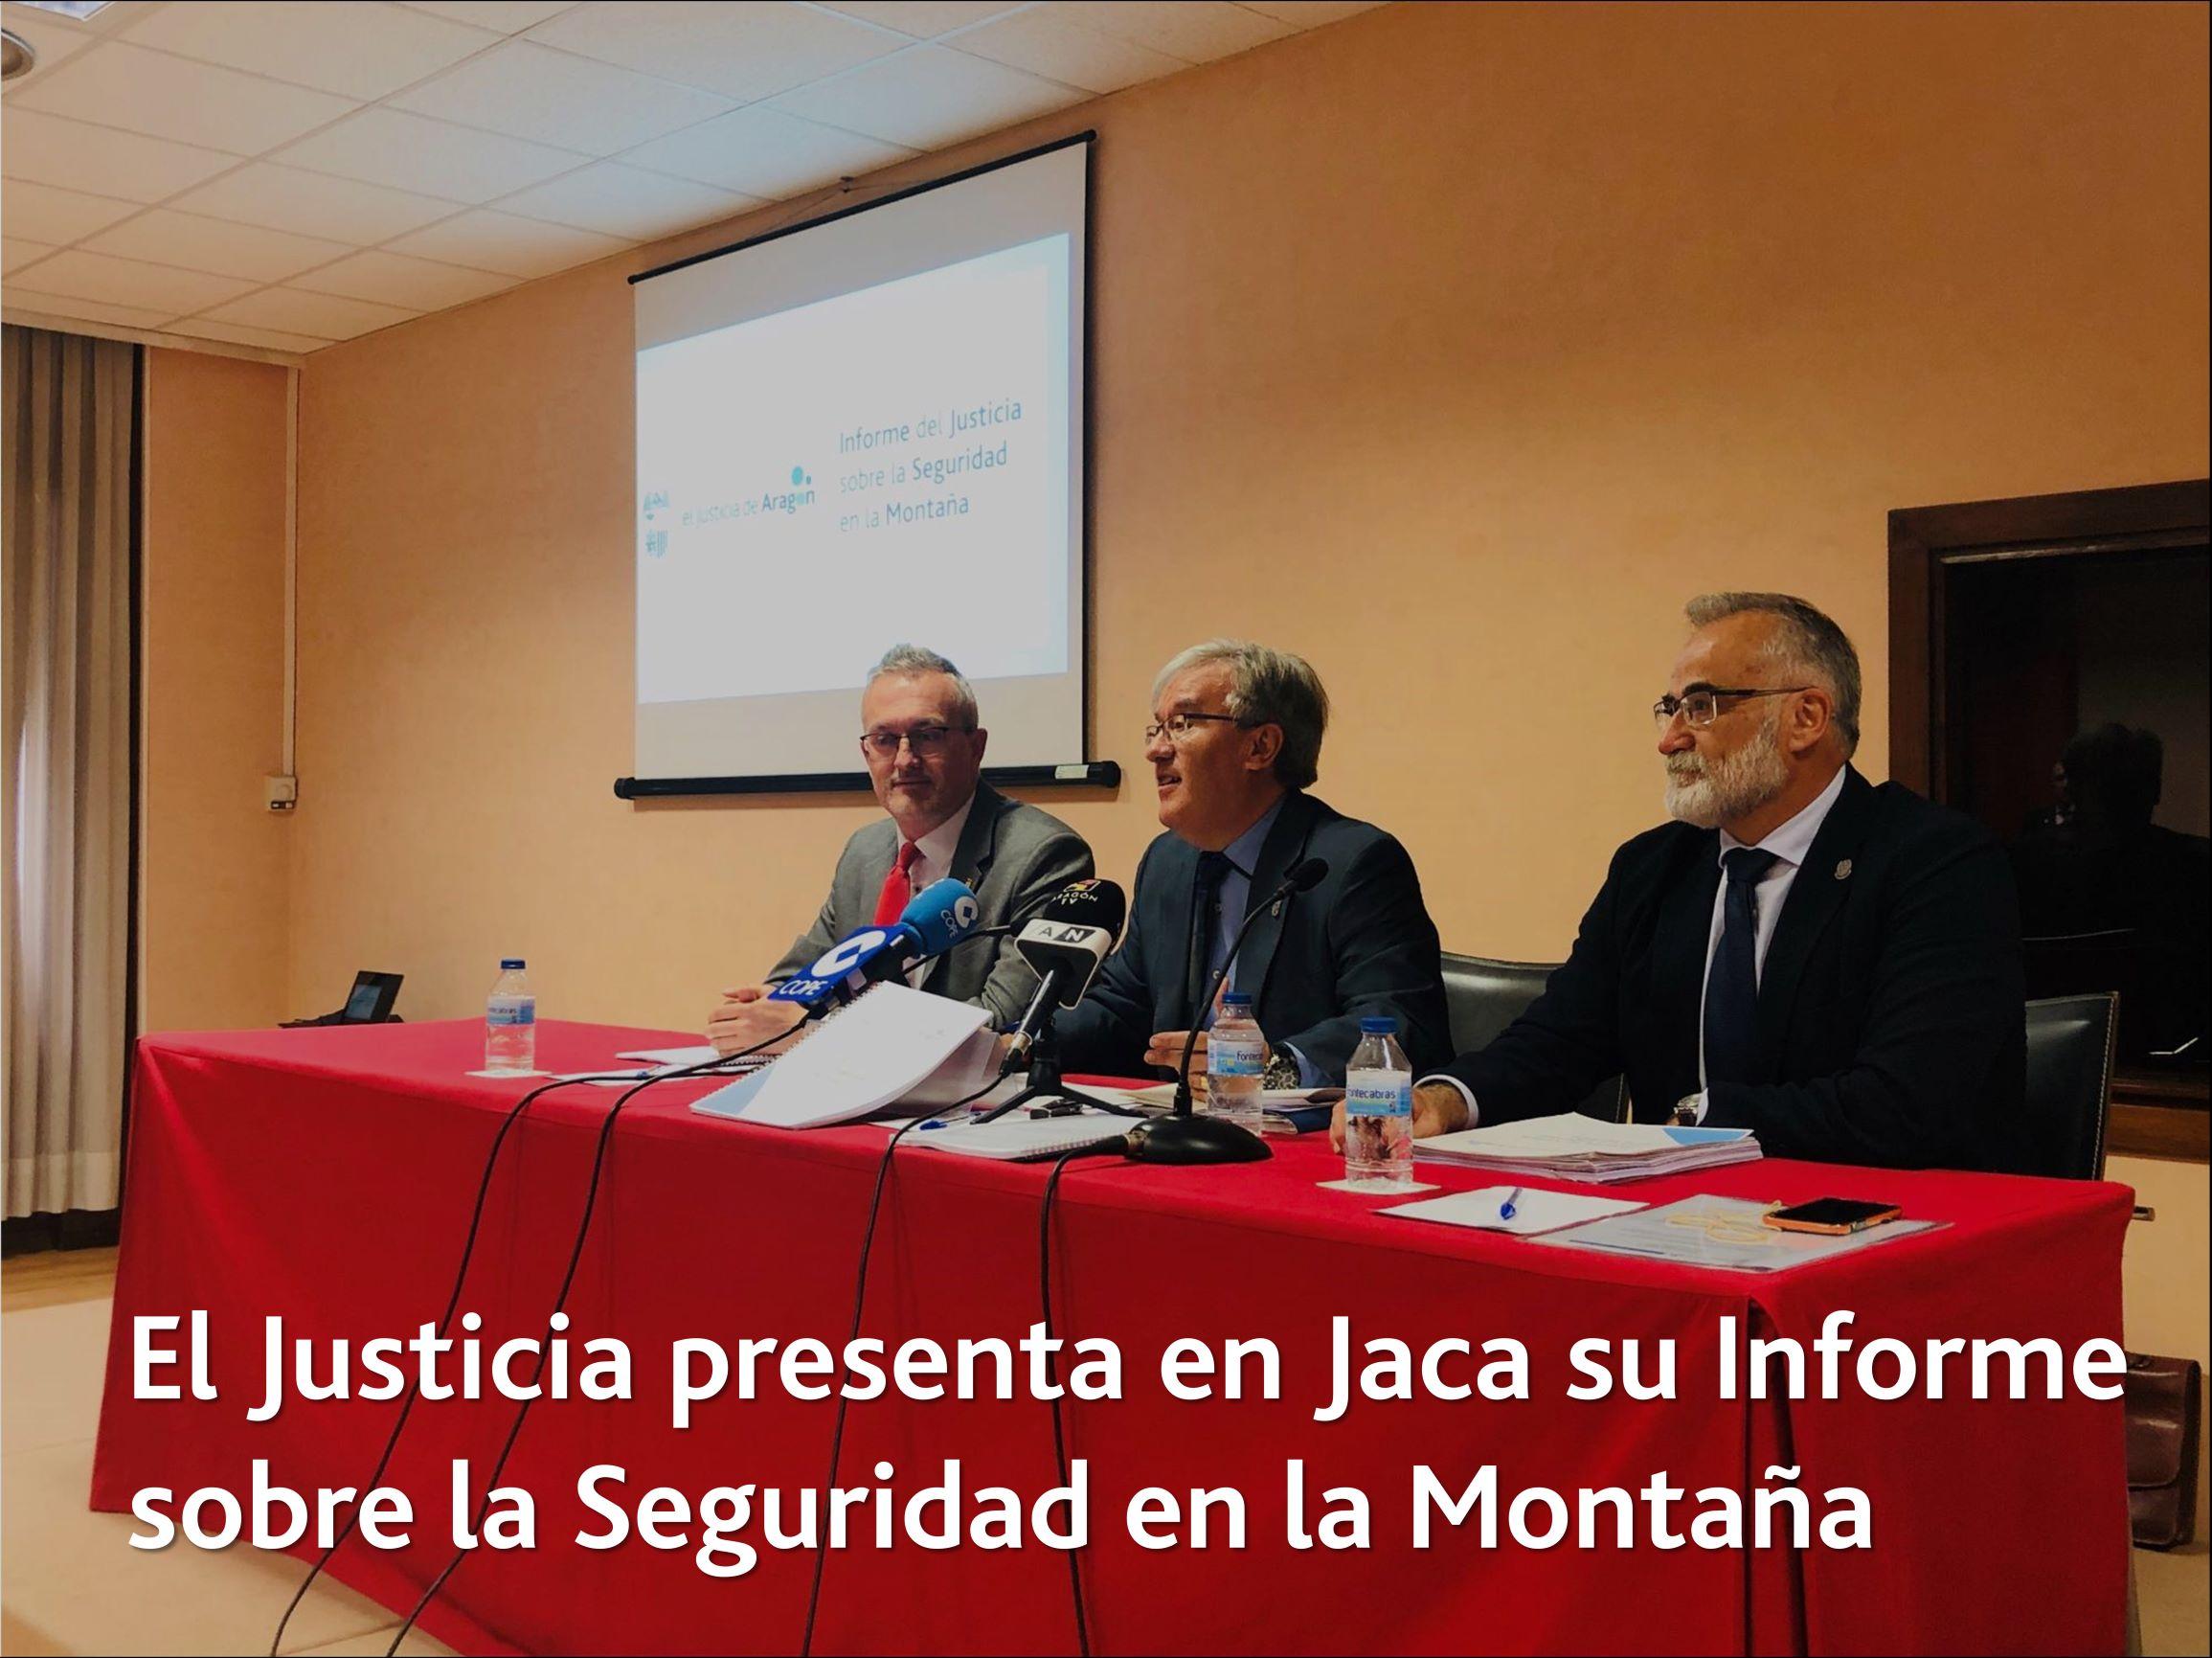 Informe sobre Seguridad en la Montaña